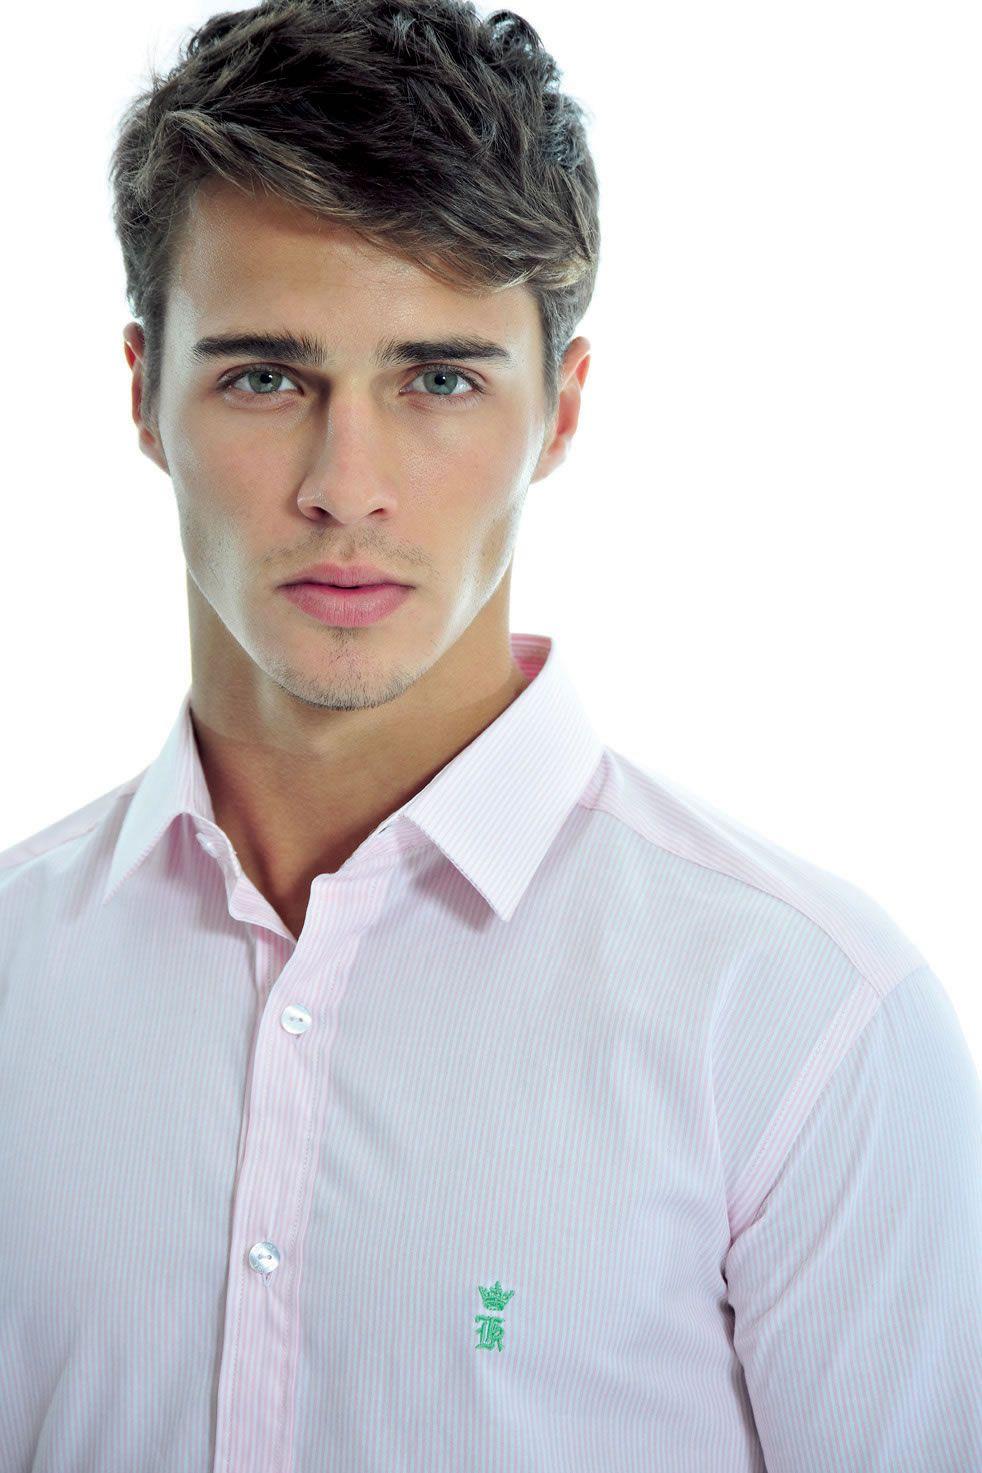 Фото красивые лица парней 14 фотография